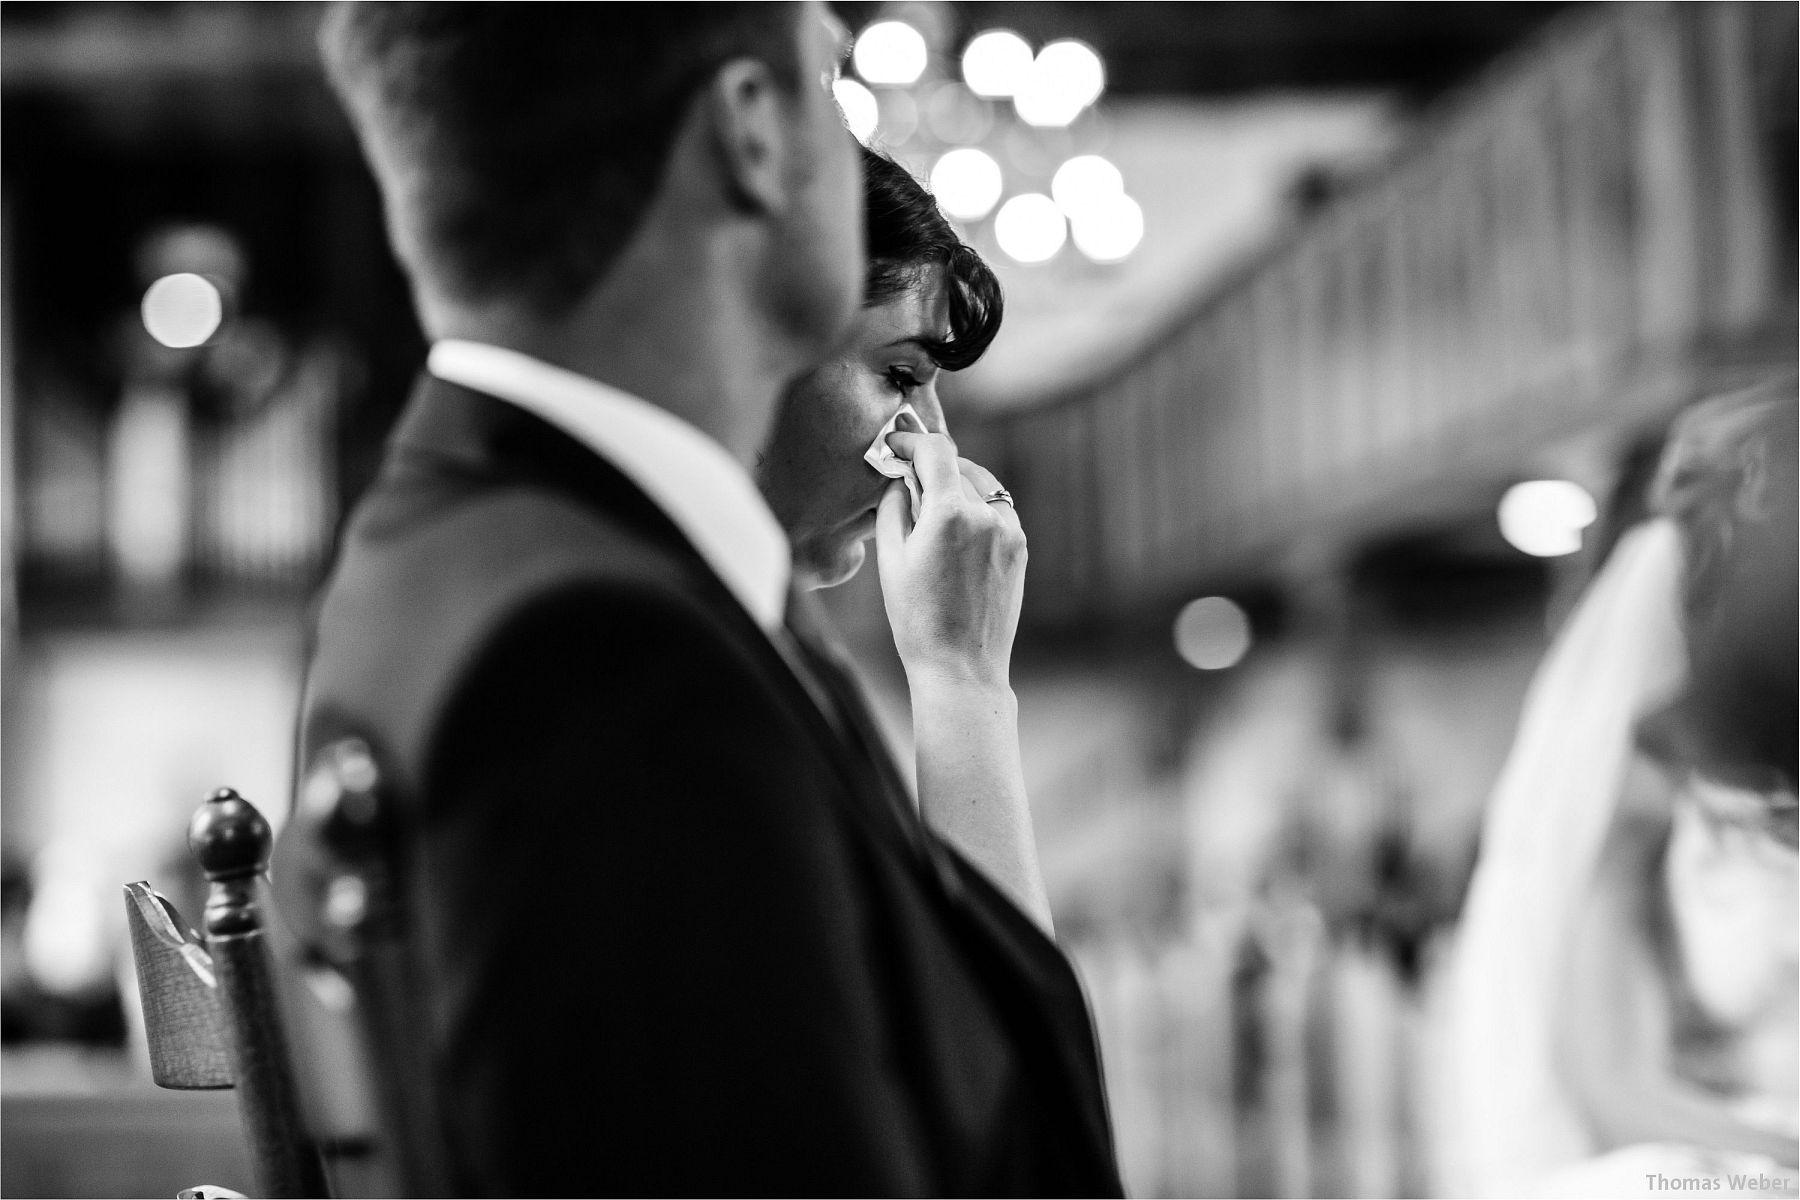 Hochzeitsfotograf Papenburg: Standesamtliche Trauung auf der Burg Kniphausen und Feier im Le Patron am Meer (40)